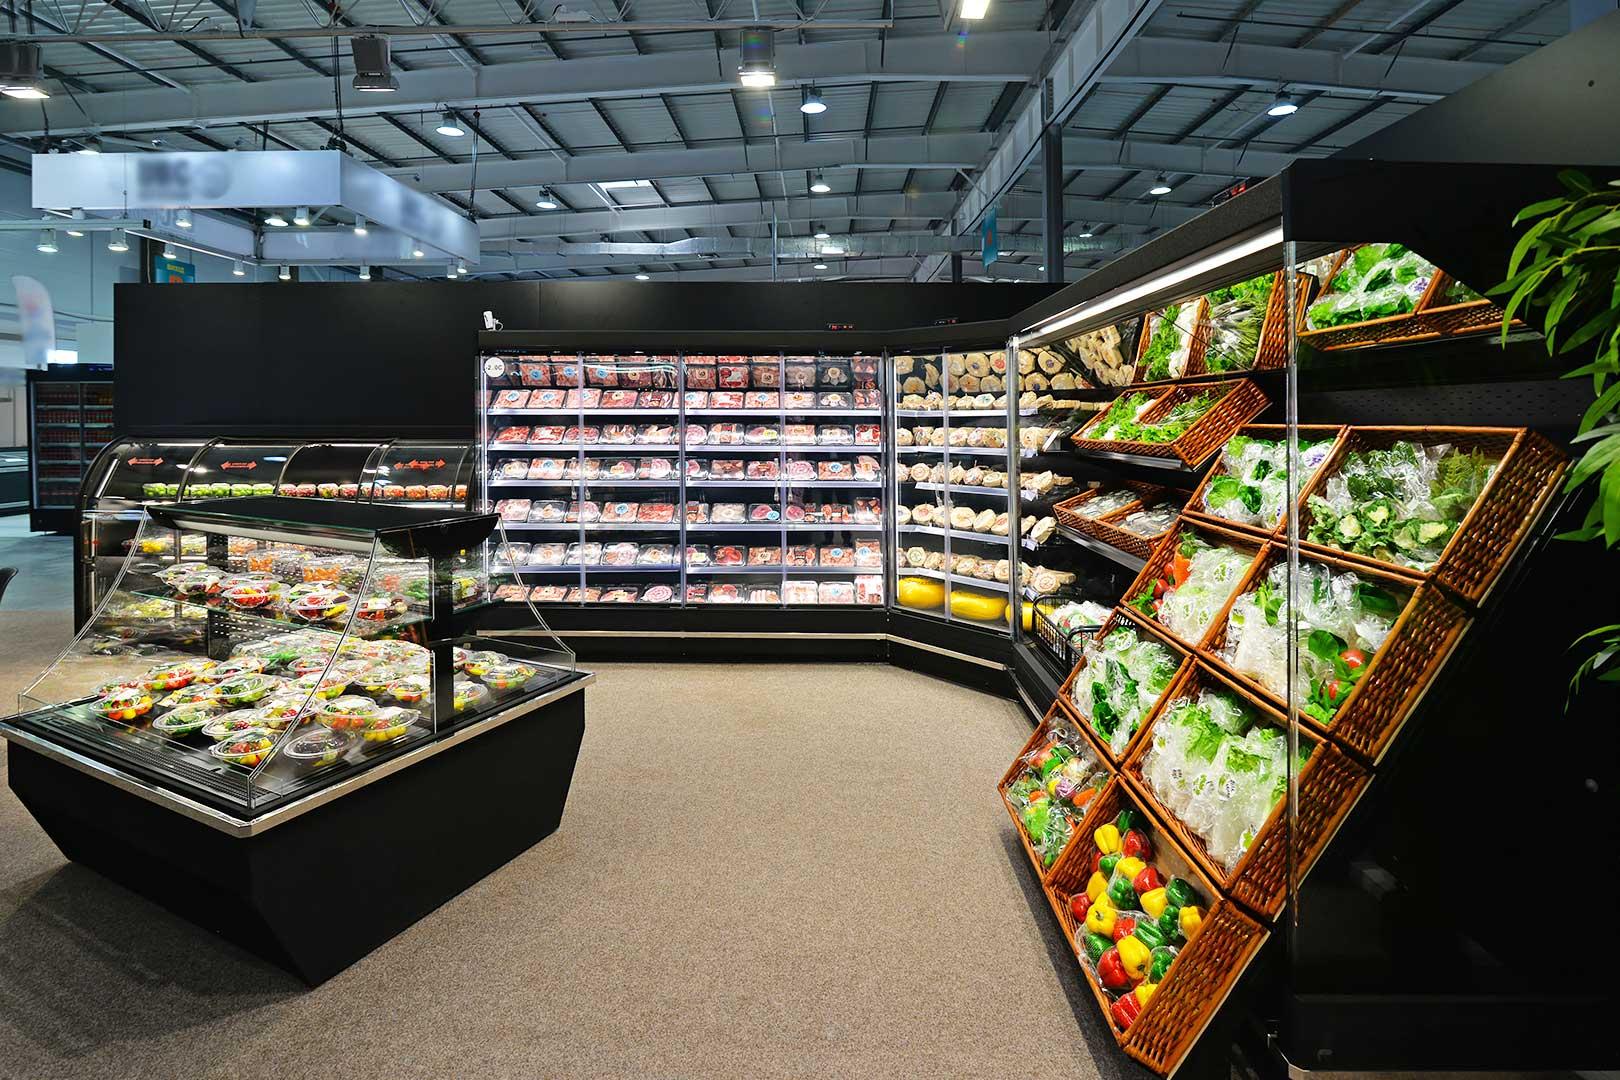 Multideck cabinets Indiana MV 080 MT D 205-DLA, Indiana MV 080 MT D 205-DLA-IS90, specialized unit for vegetables and fruit sales Indiana MV 080 FV O 205-DLA, promotional merchandiser Virginia AI 120 deli self 120-DLA